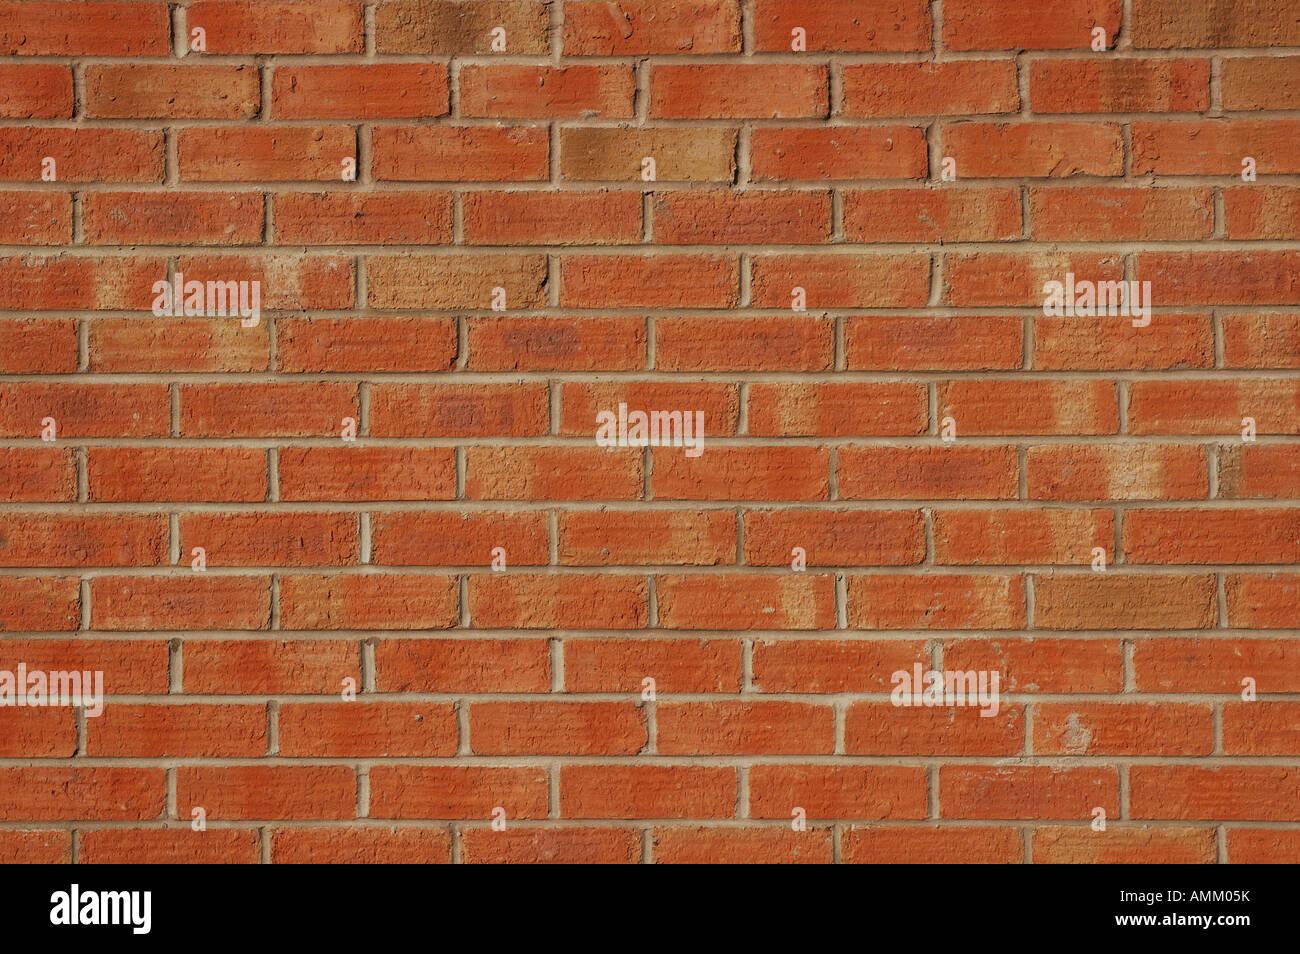 brickwork, England, UK - Stock Image